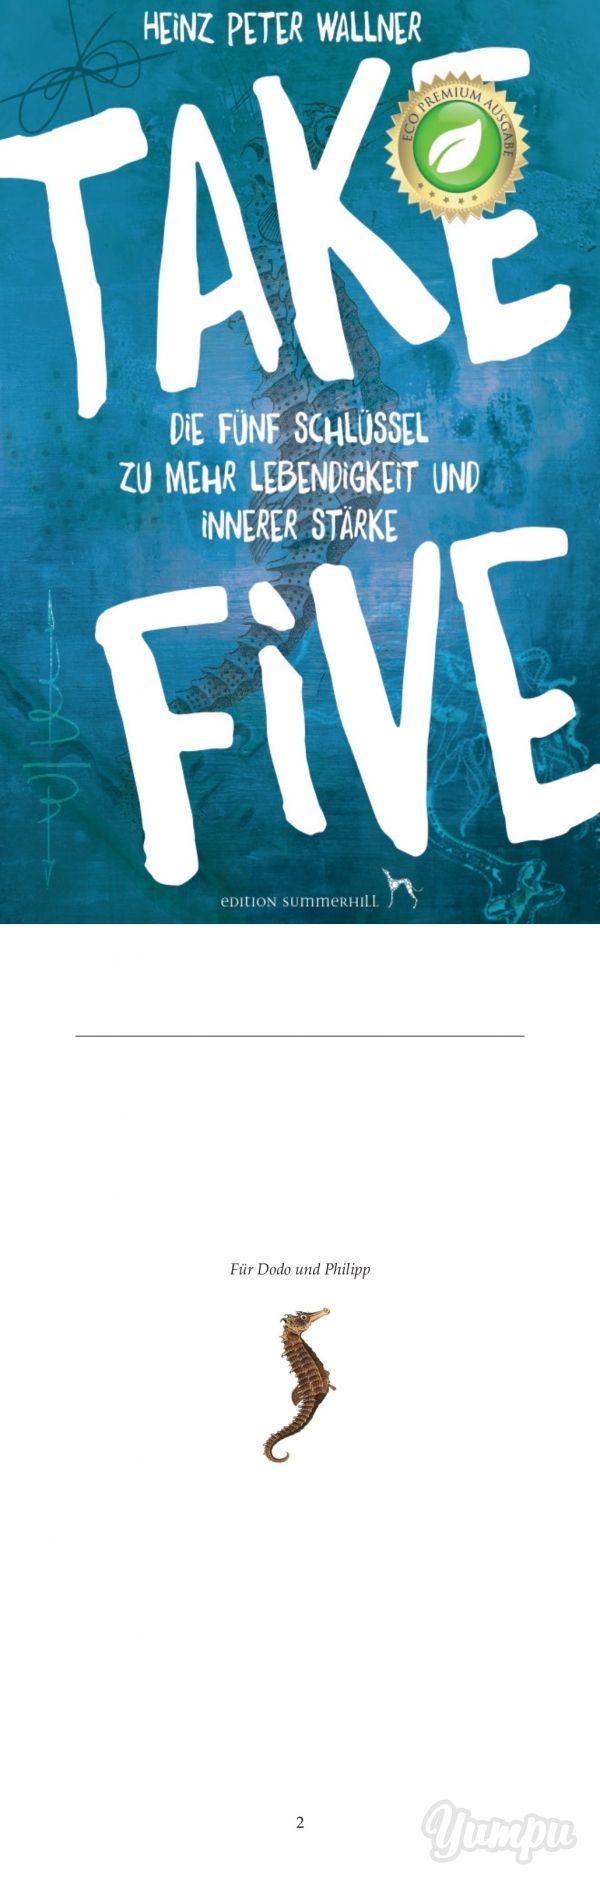 Take Five  - Die fünf Schlüssel zu mehr Lebendigkeit und innerer Stärke - Leseprobe ISBN 783950408324 - Magazine with 39 pages: Ein Mutmacherbuch, Ihre Potenziale zu entfalten und zur vollen Wirkung zu bringen. Sie sehnen sich nach mehr Freude und Lebendigkeit?  Aber Sie stecken im Arbeitsleben fest und haben einfach zu wenig Zeit für sich und für aufwendige Übungsprogramme? Wenn ja, dann ist dieses Buch genau für Sie geschrieben worden. Dr. Heinz Peter Wallner eröffnet Ihnen mit dem…